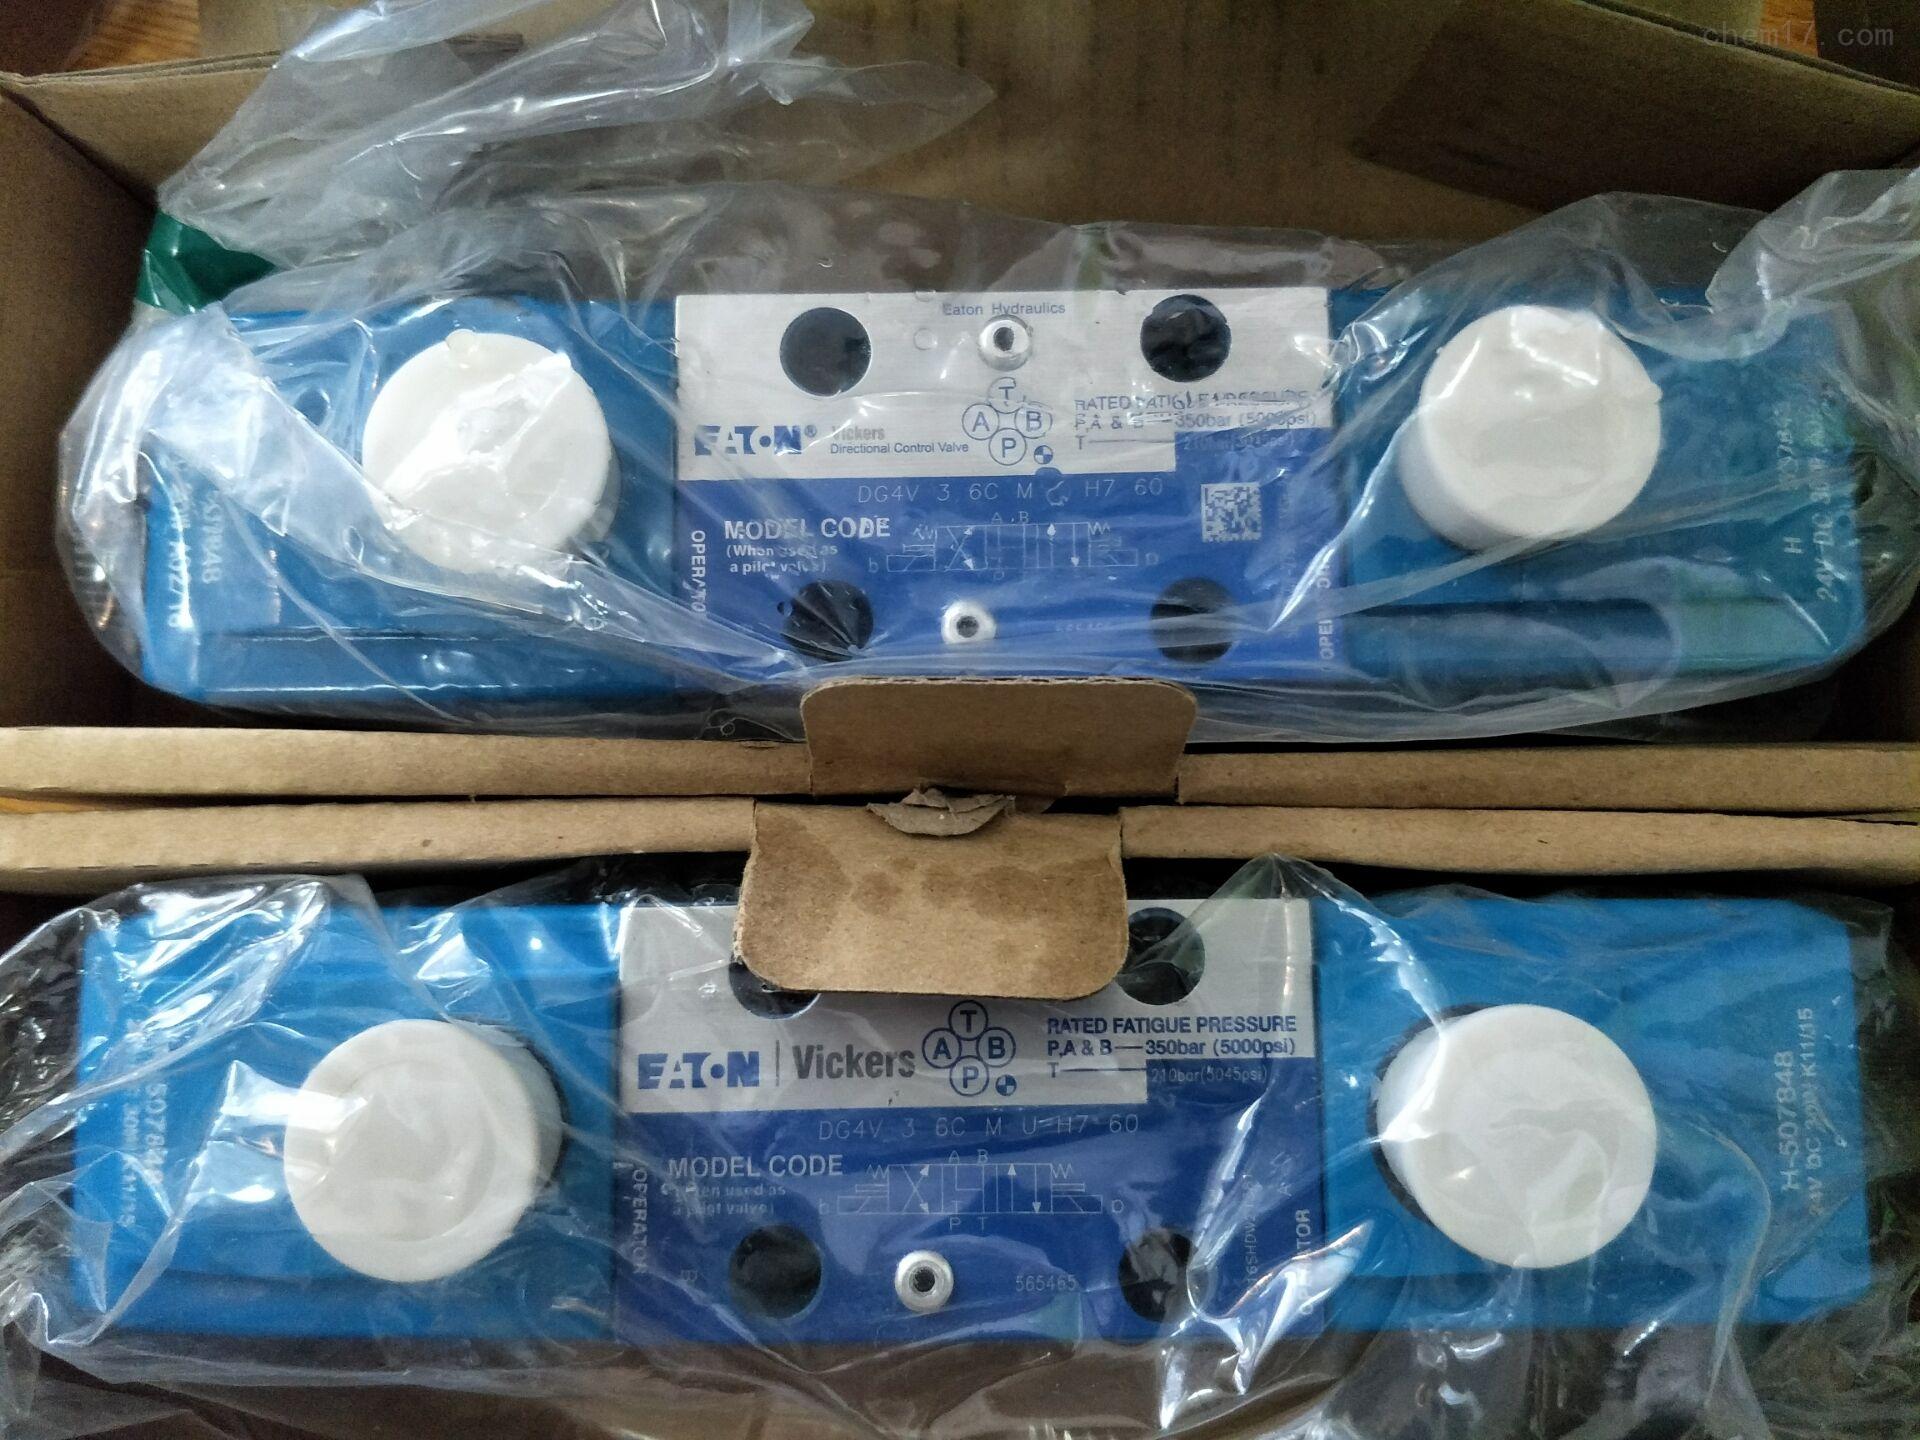 威格士电磁阀DG4V-3-2A-M-U-H7-60